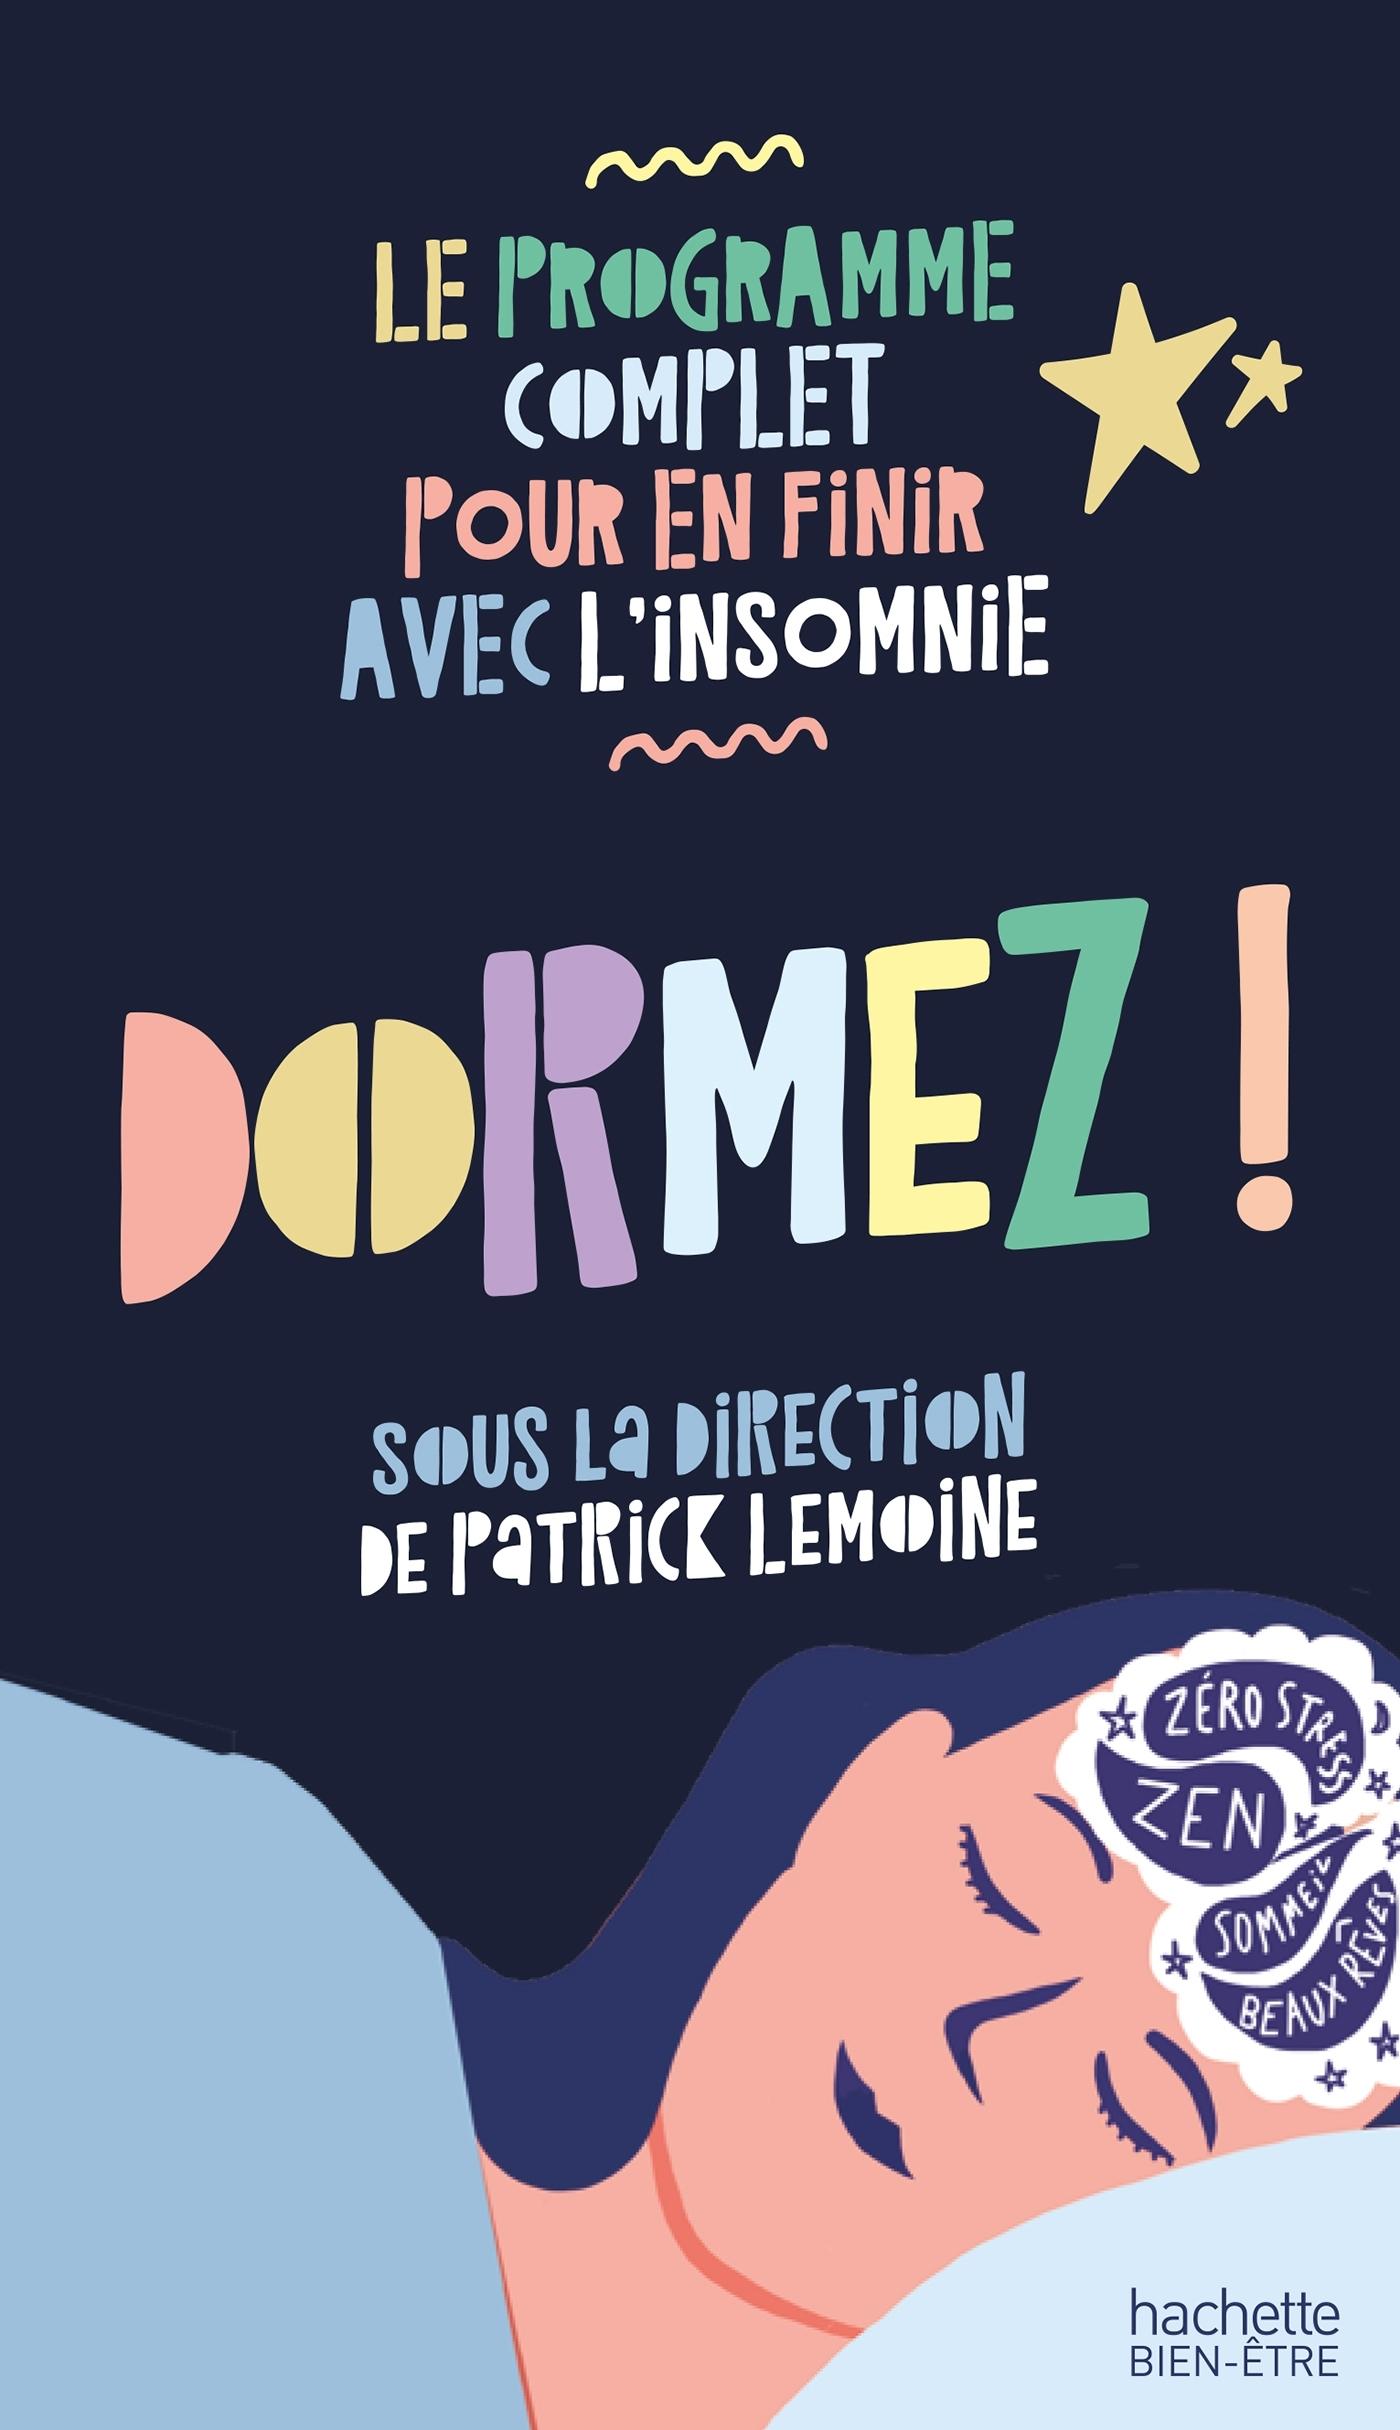 DORMEZ ! LE PROGRAMME COMPLET POUR EN FINIR AVEC L'INSOMNIE